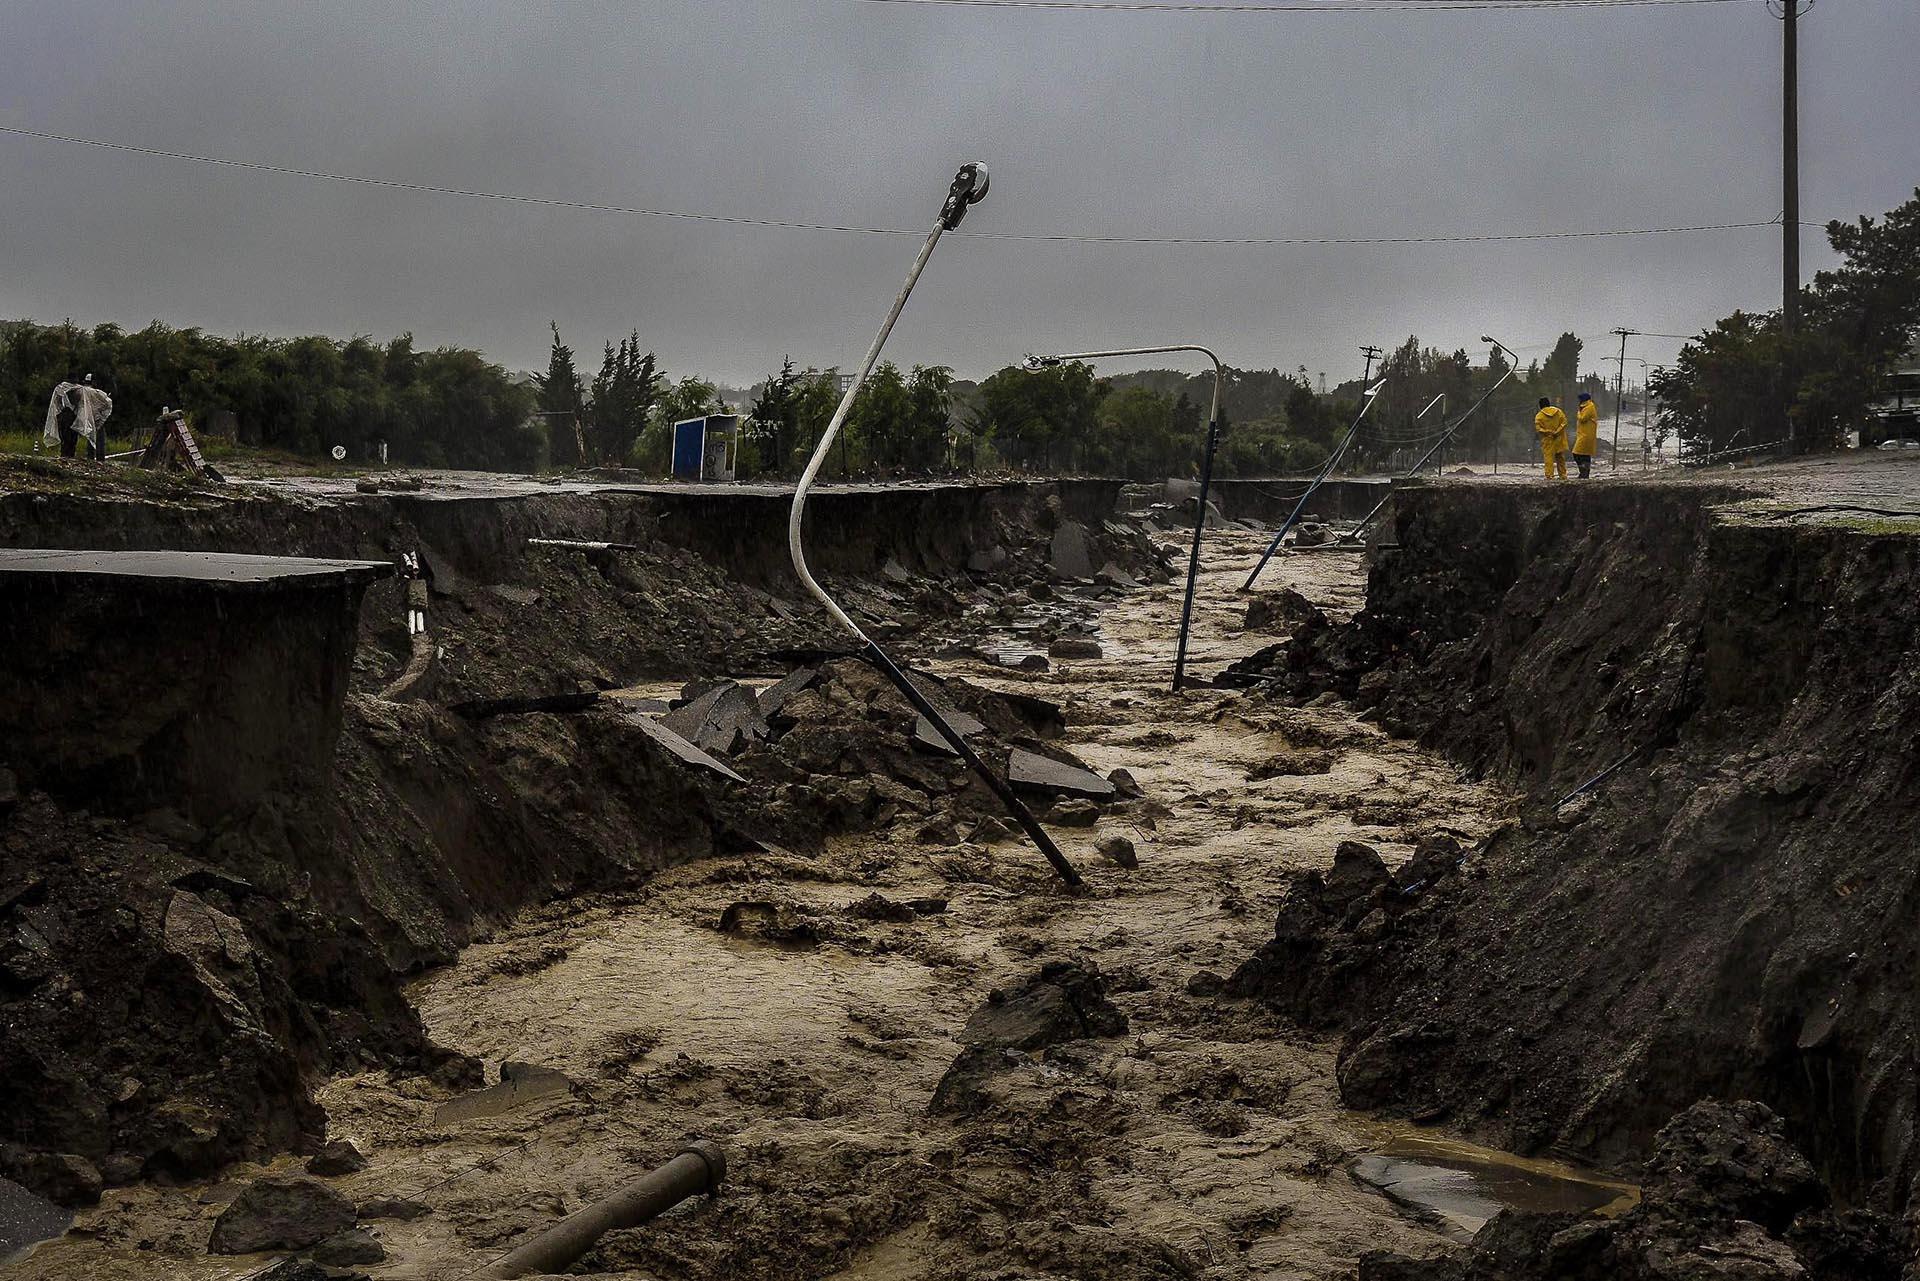 Grandes eventos atmosféricos y desastres naturales - Página 2 Fuertes-lluvias-agravan-la-situacion-en-Comodoro-Rivadavia-SF-2